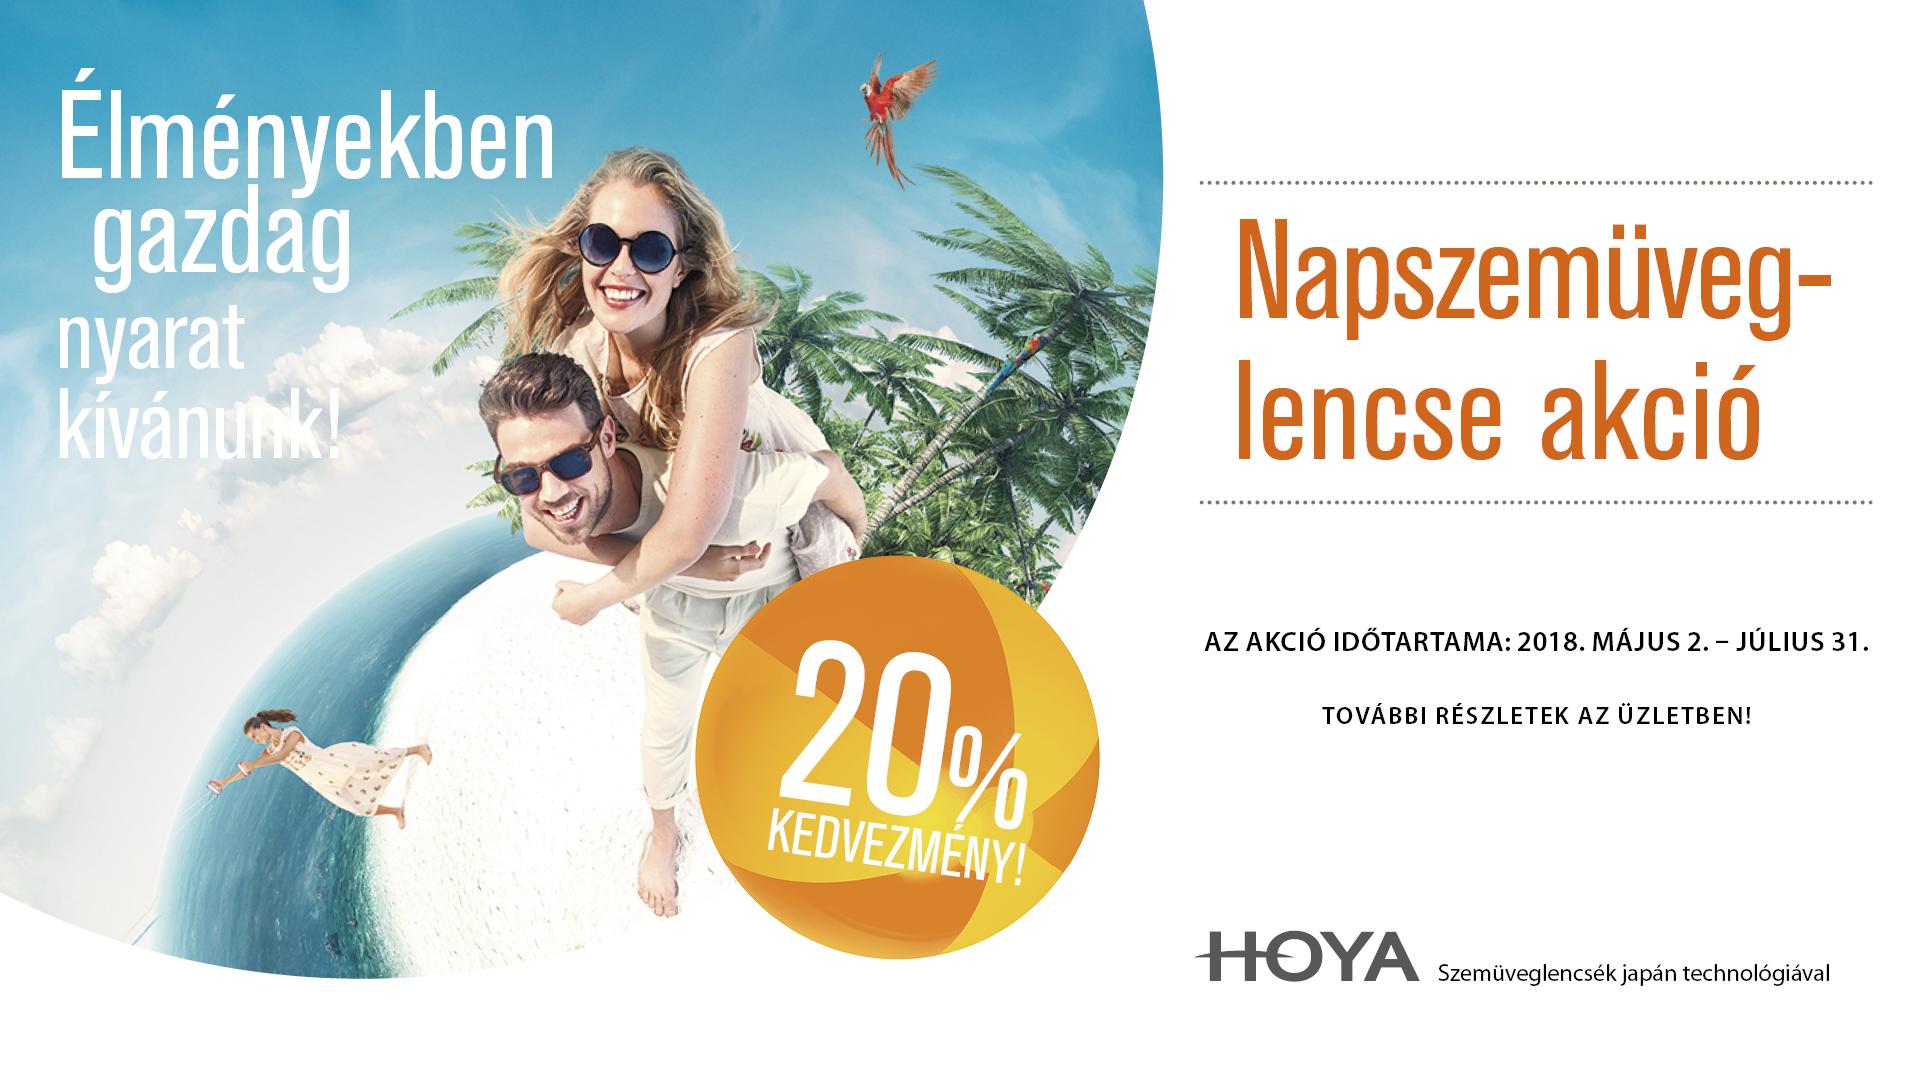 Hoya napszemüveglencse 20% kedvezménnyel